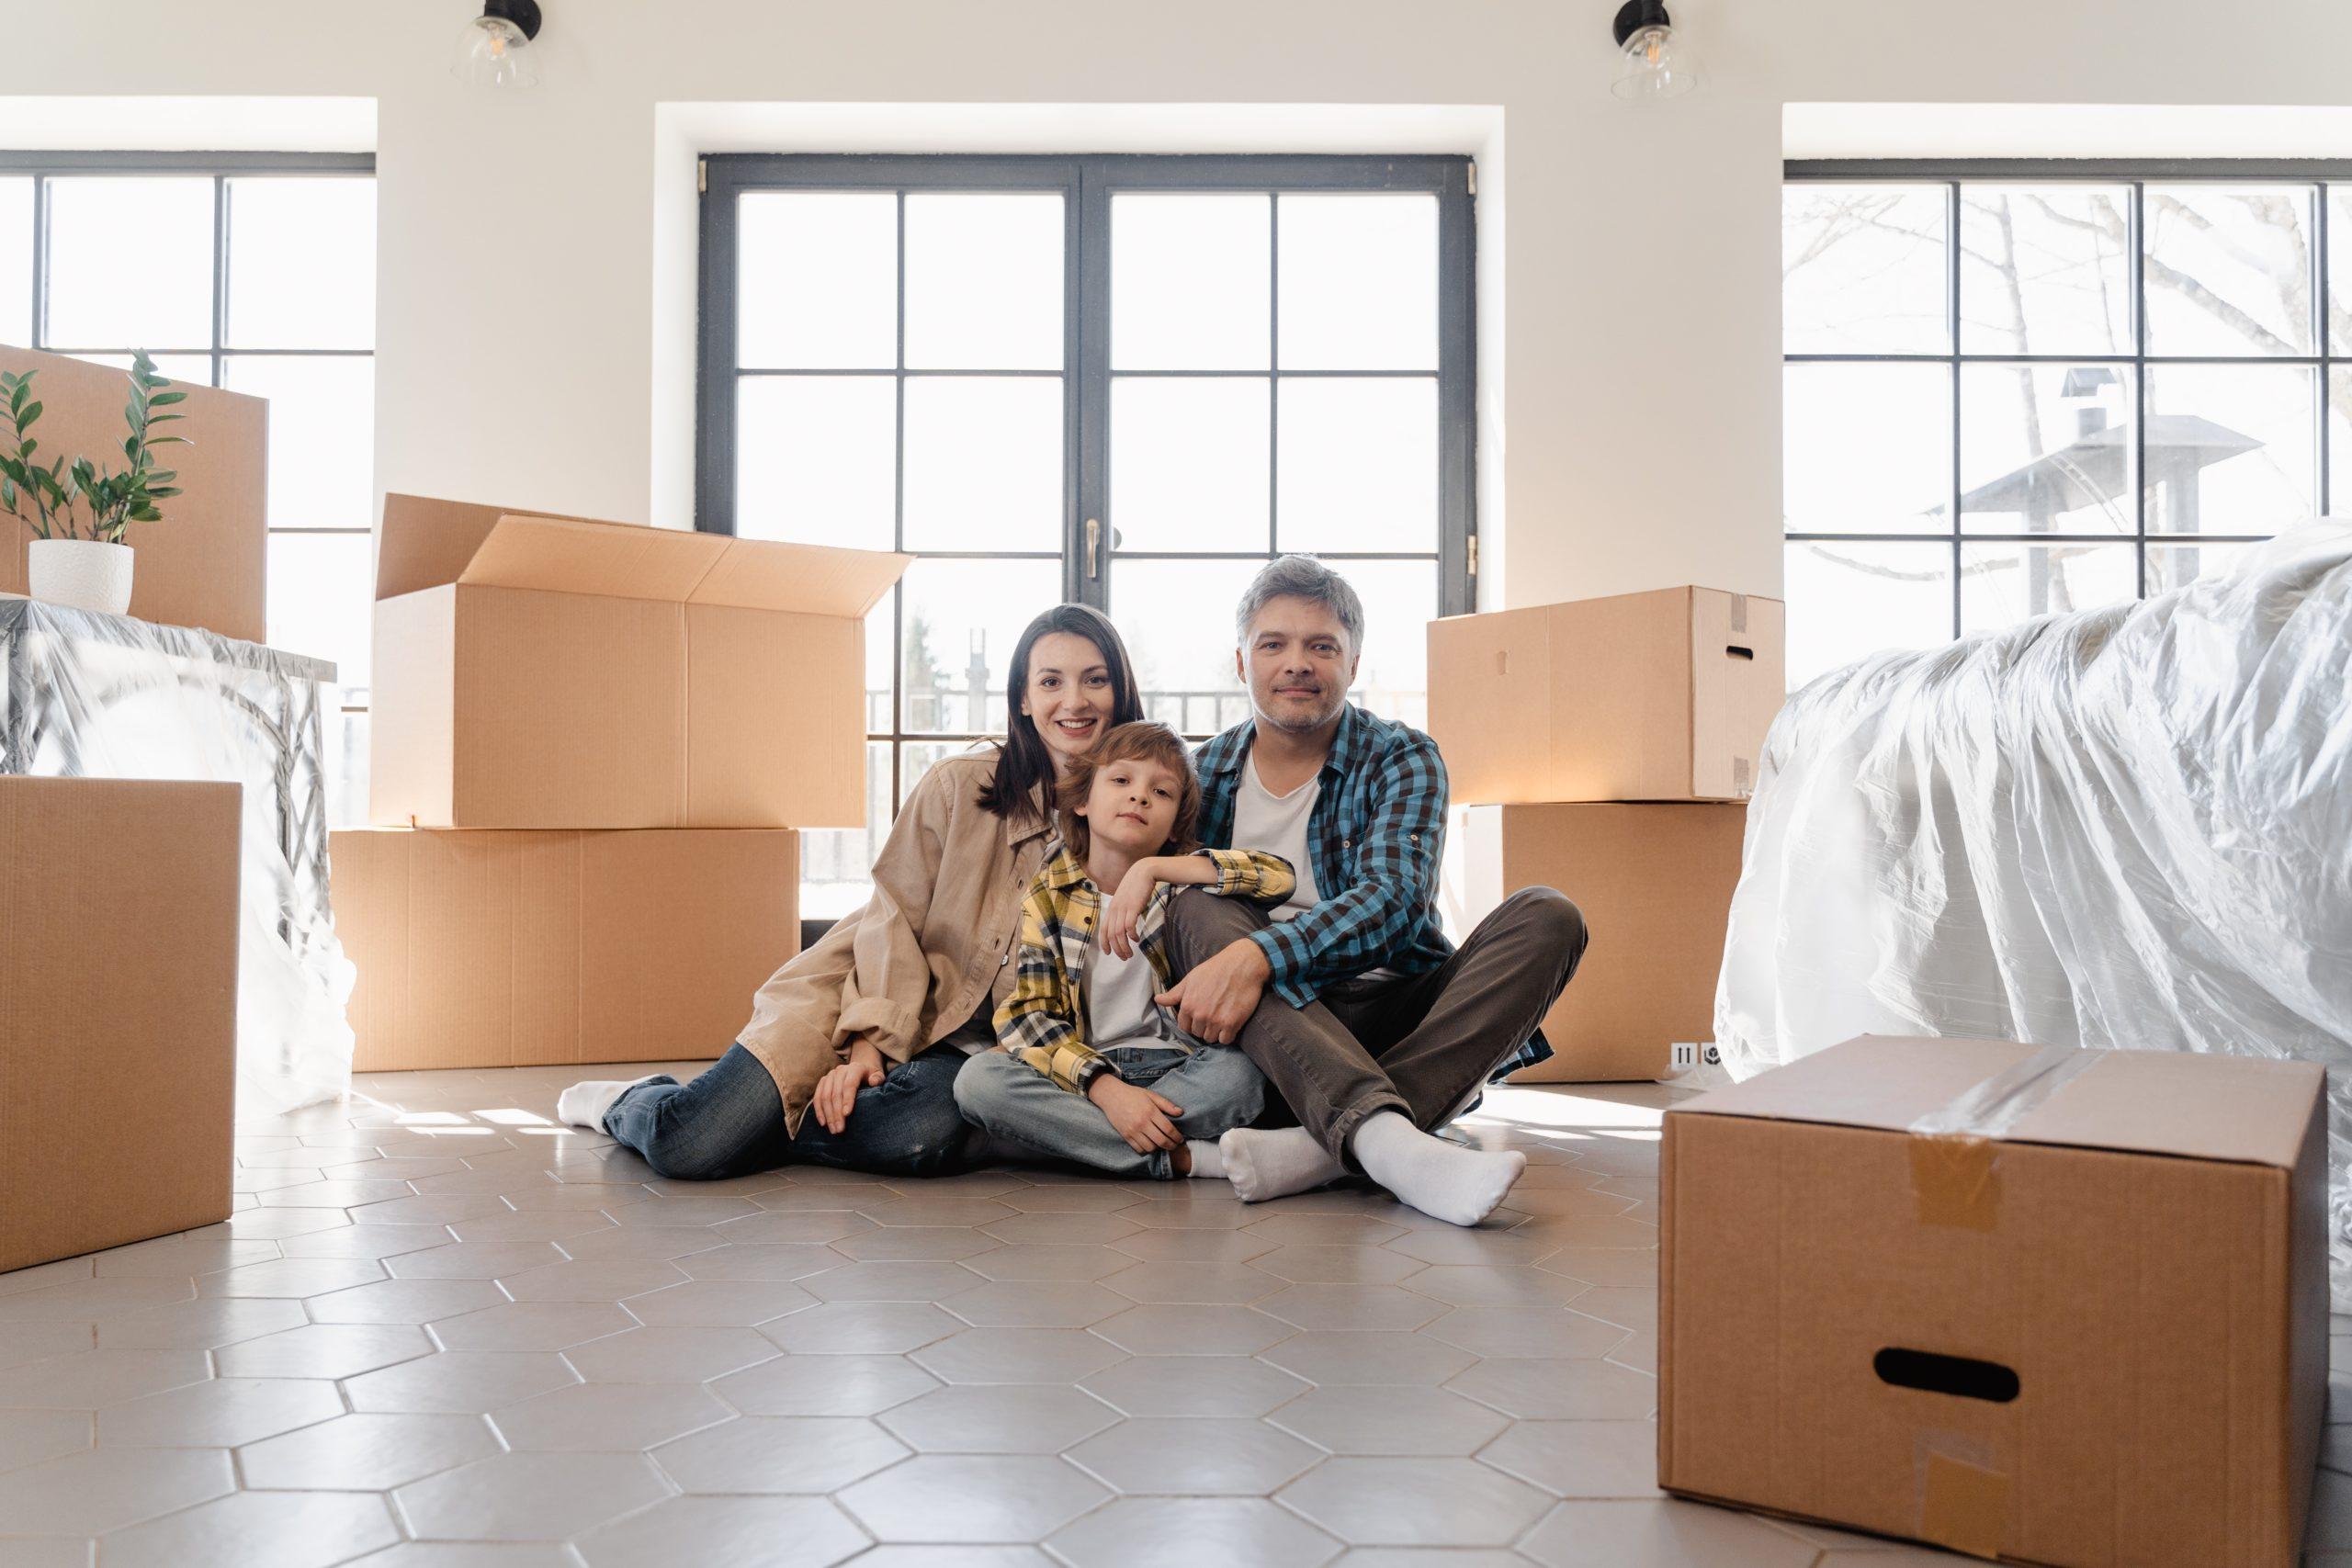 famille déménage